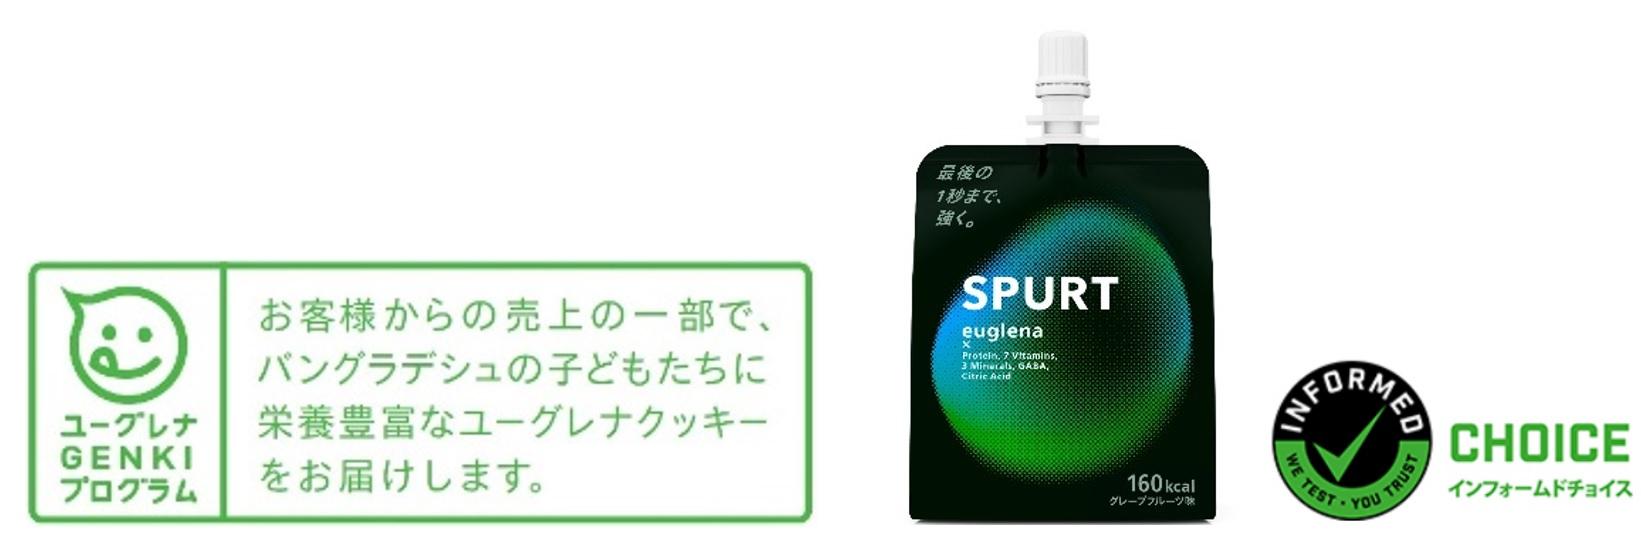 WEB用(SPURT)